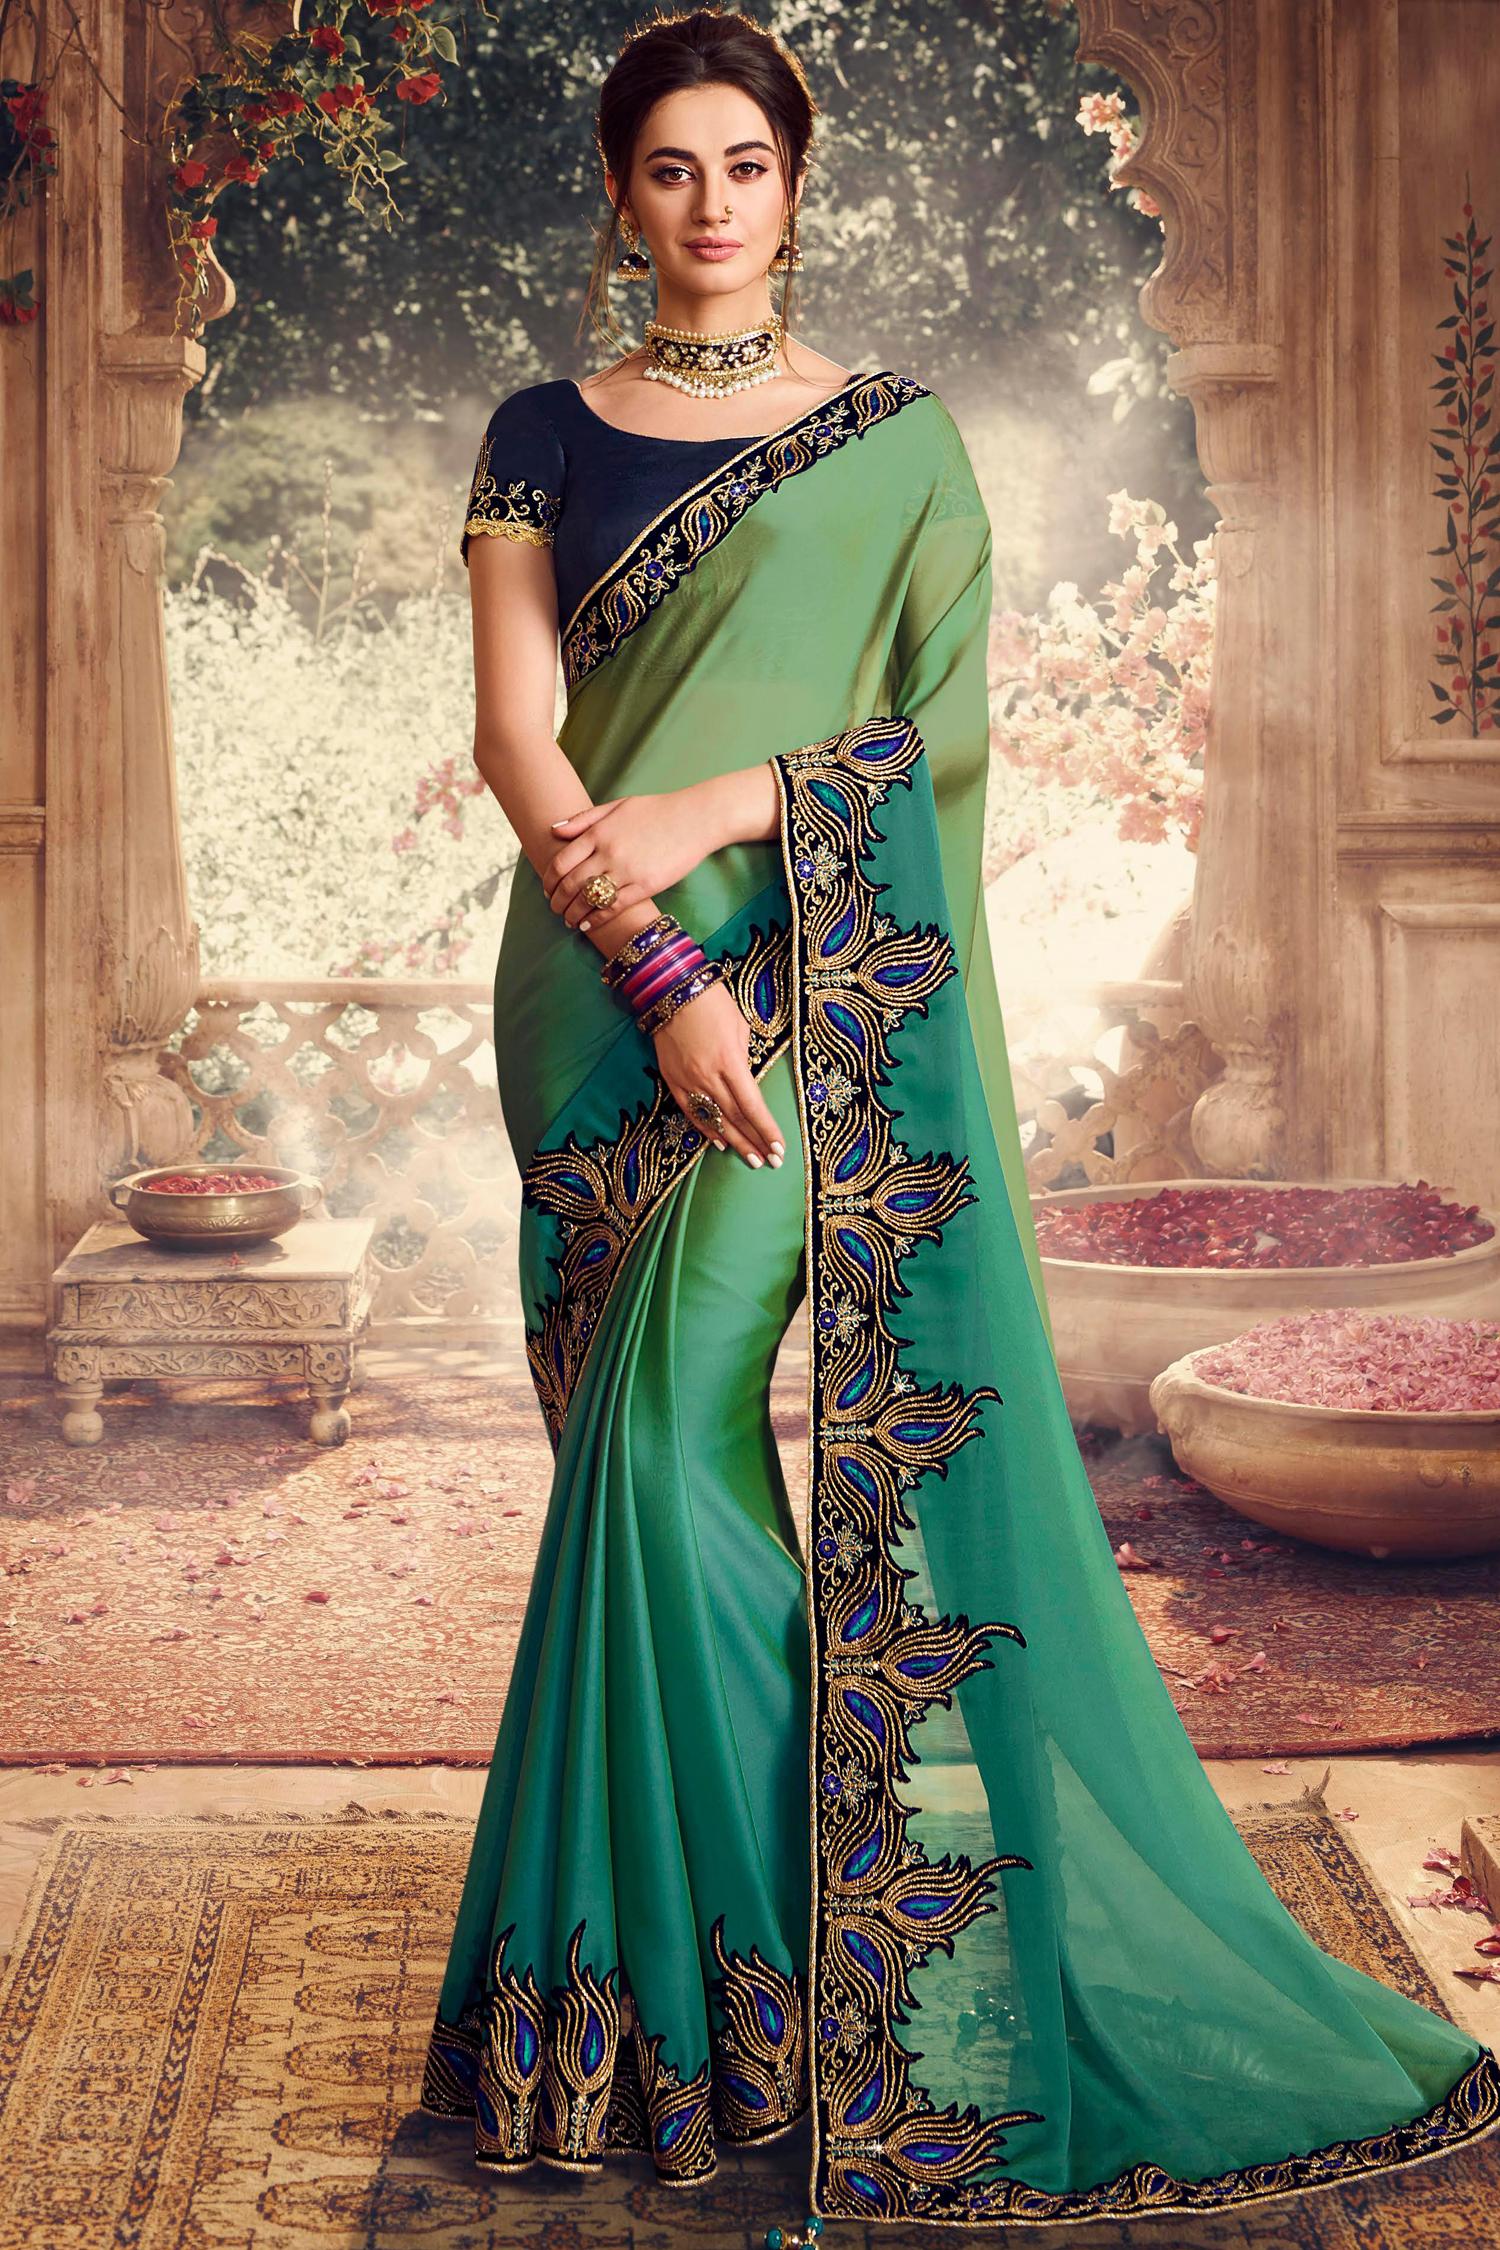 Stunning Peacock Green Silk Saree with Beautiful Zari Embroidery